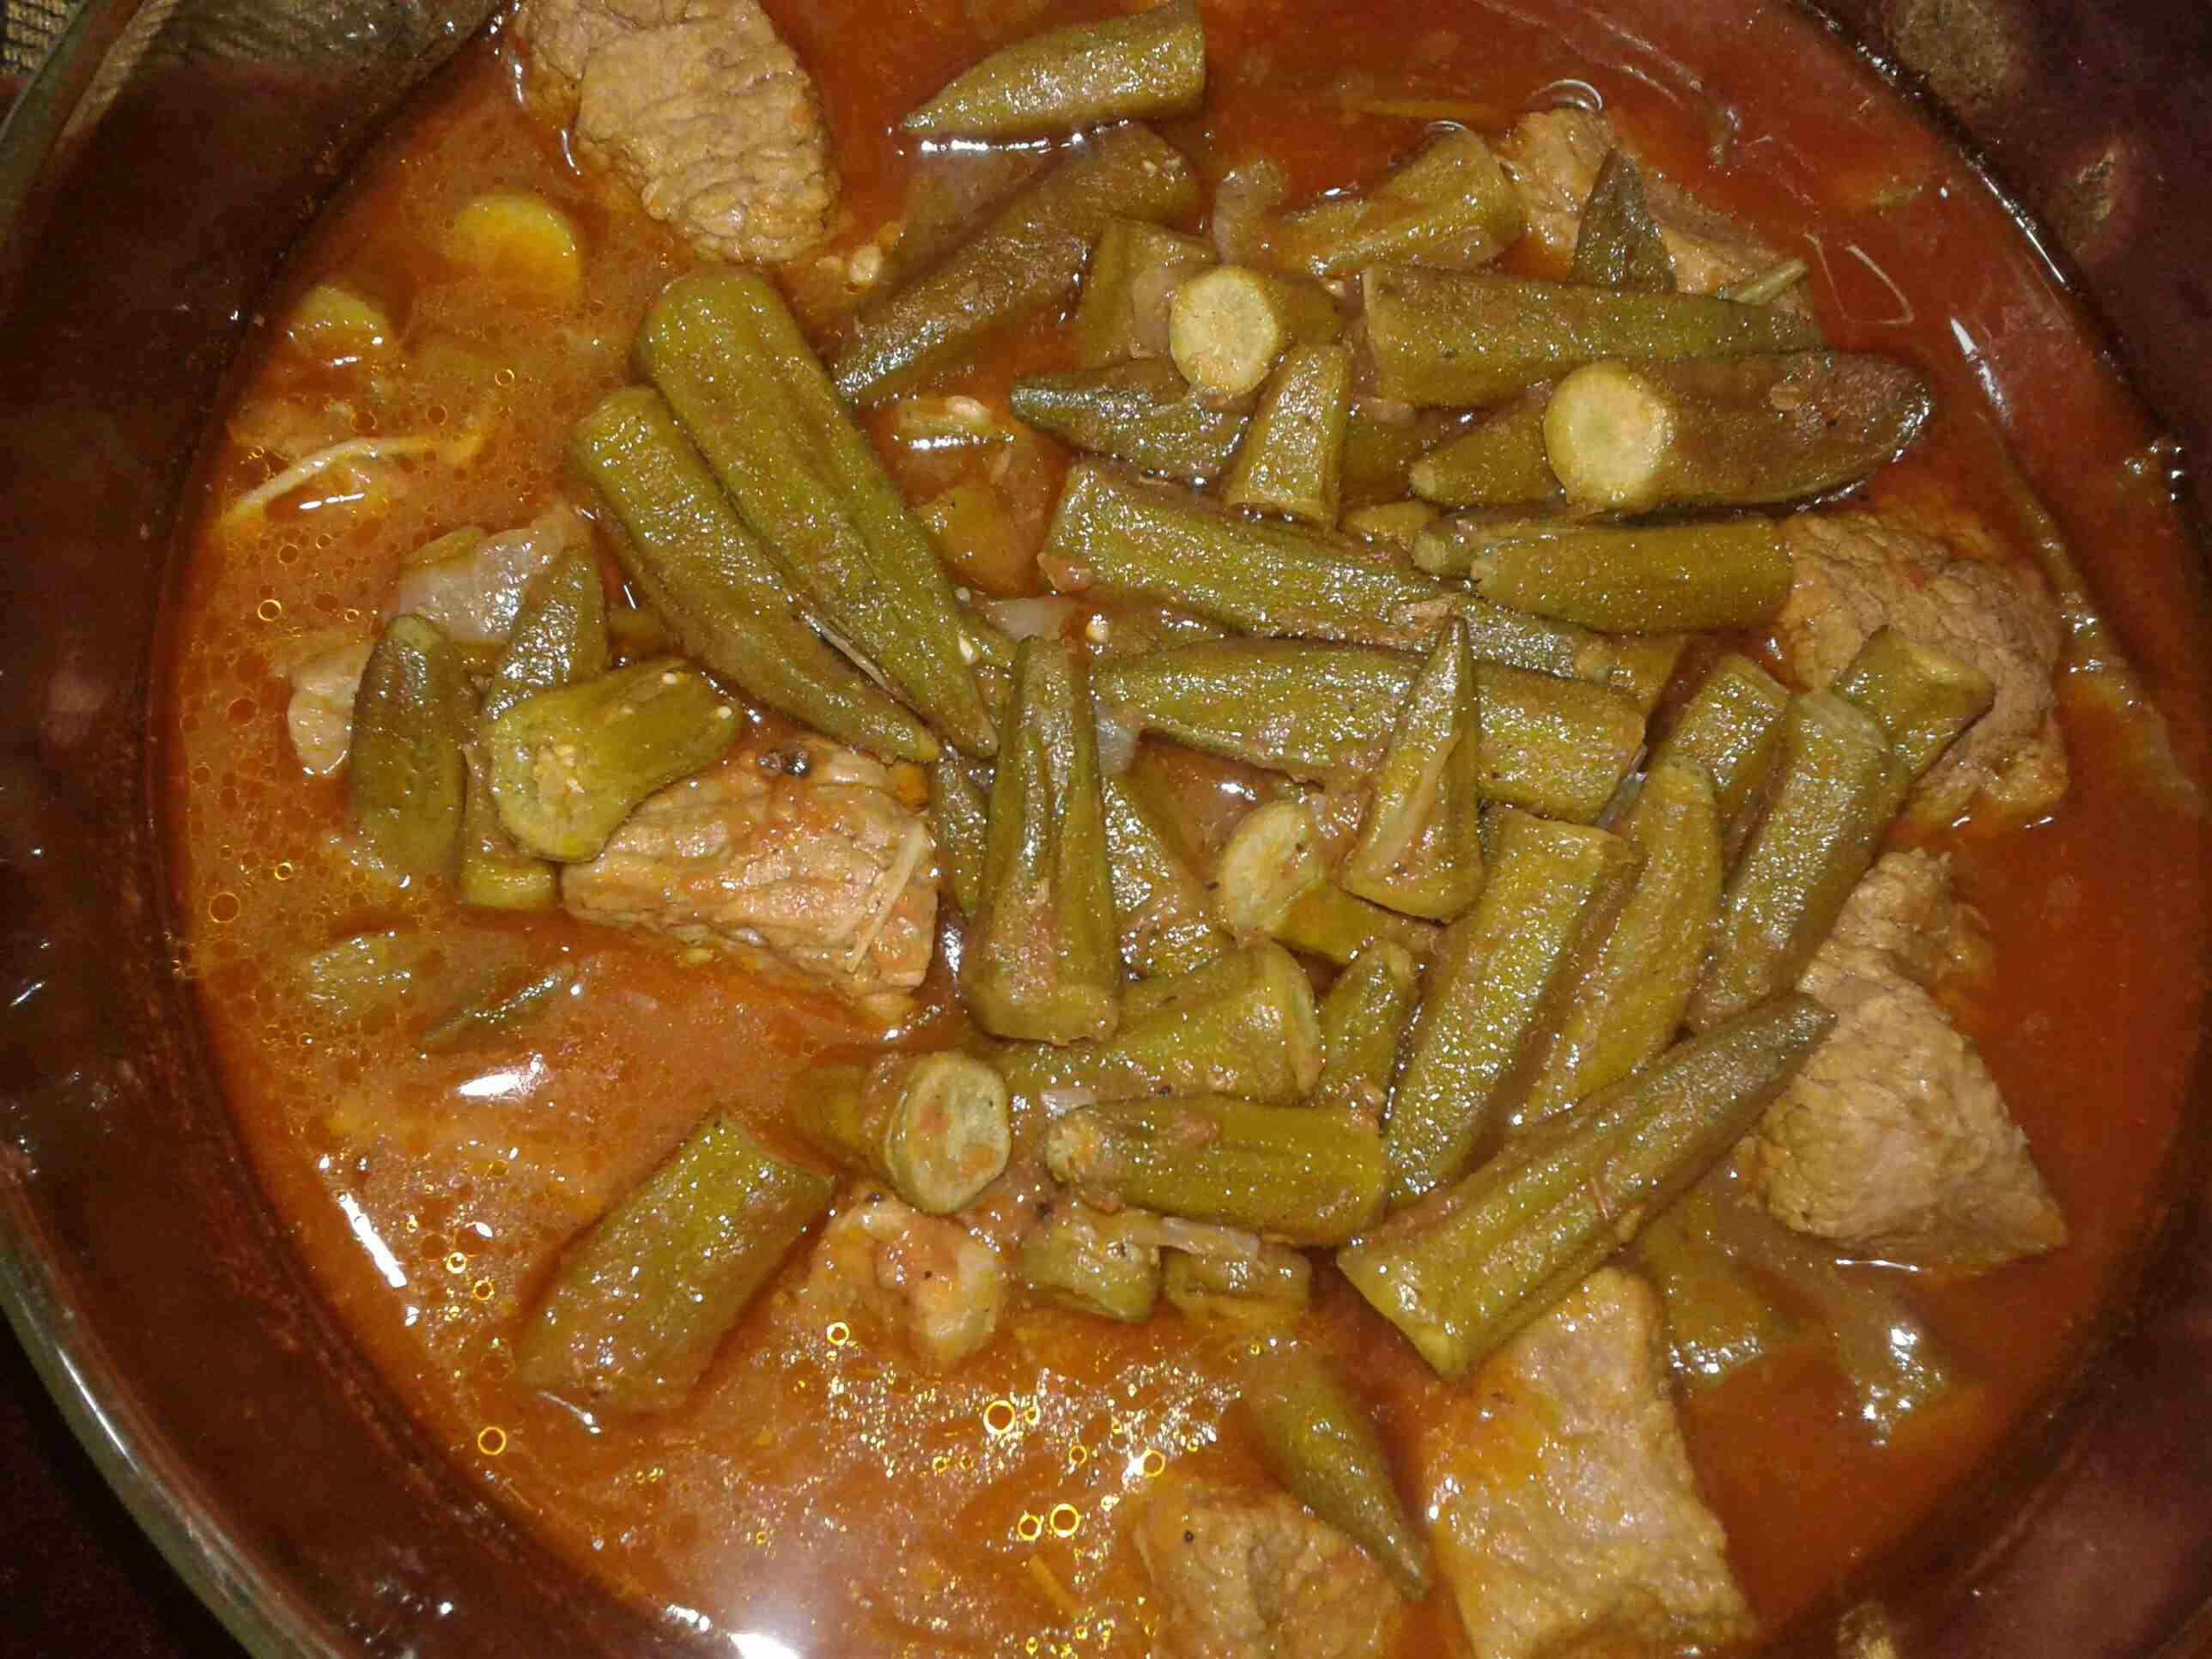 باميه باللحمه غذاء ودواء ملكة الاكلات الفلسطينية زاكي Recipe Cooking Recipes Cooking Main Dishes